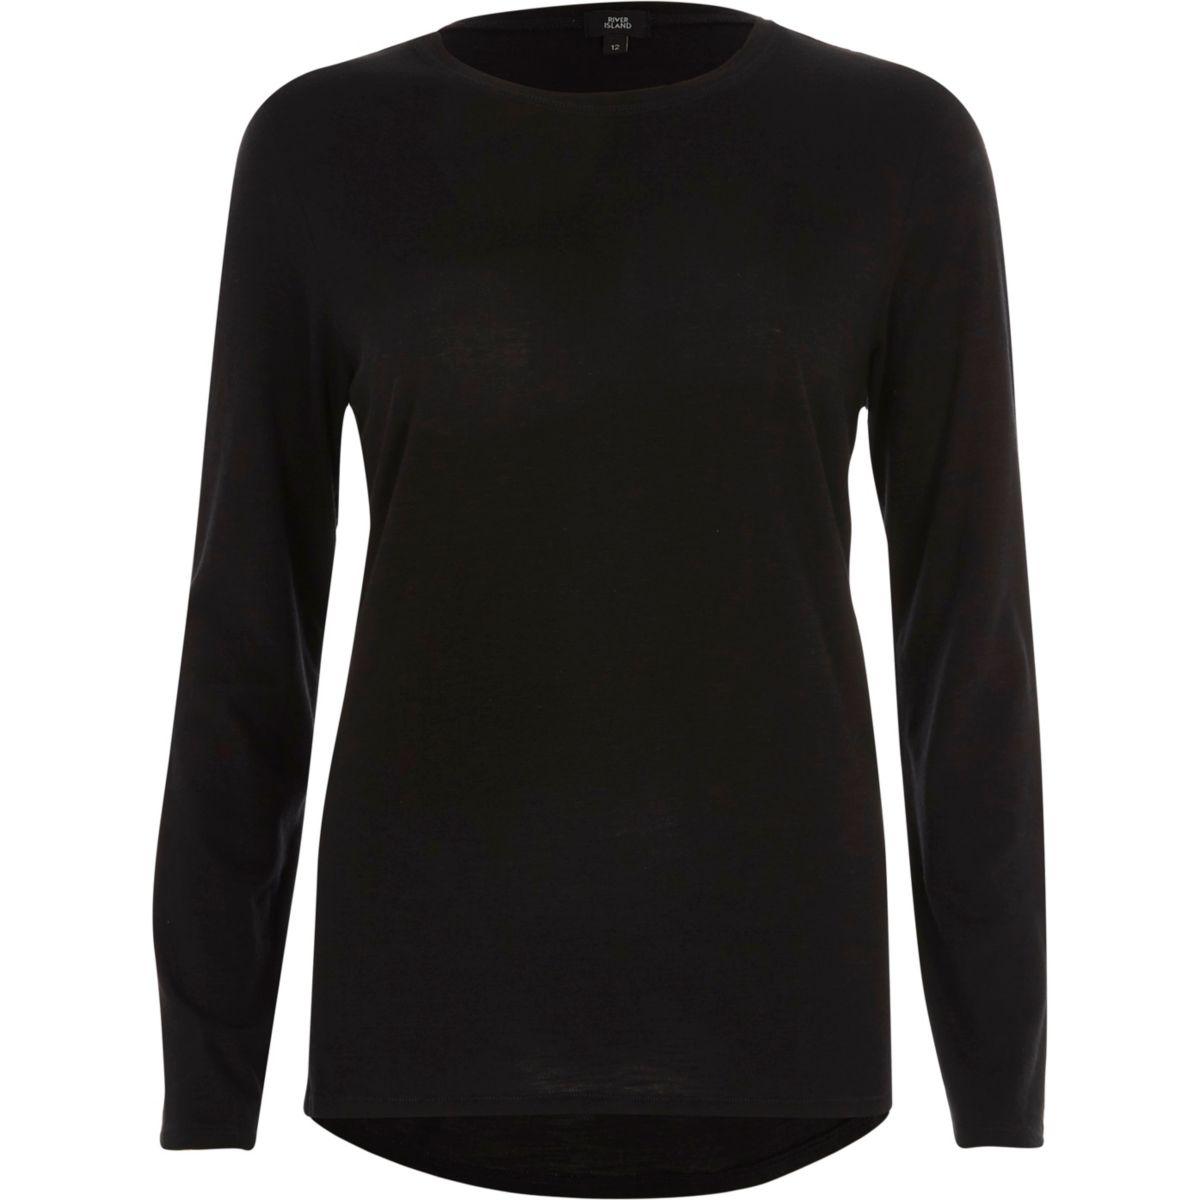 Zwart T-shirt met ronde hals en lange mouwen